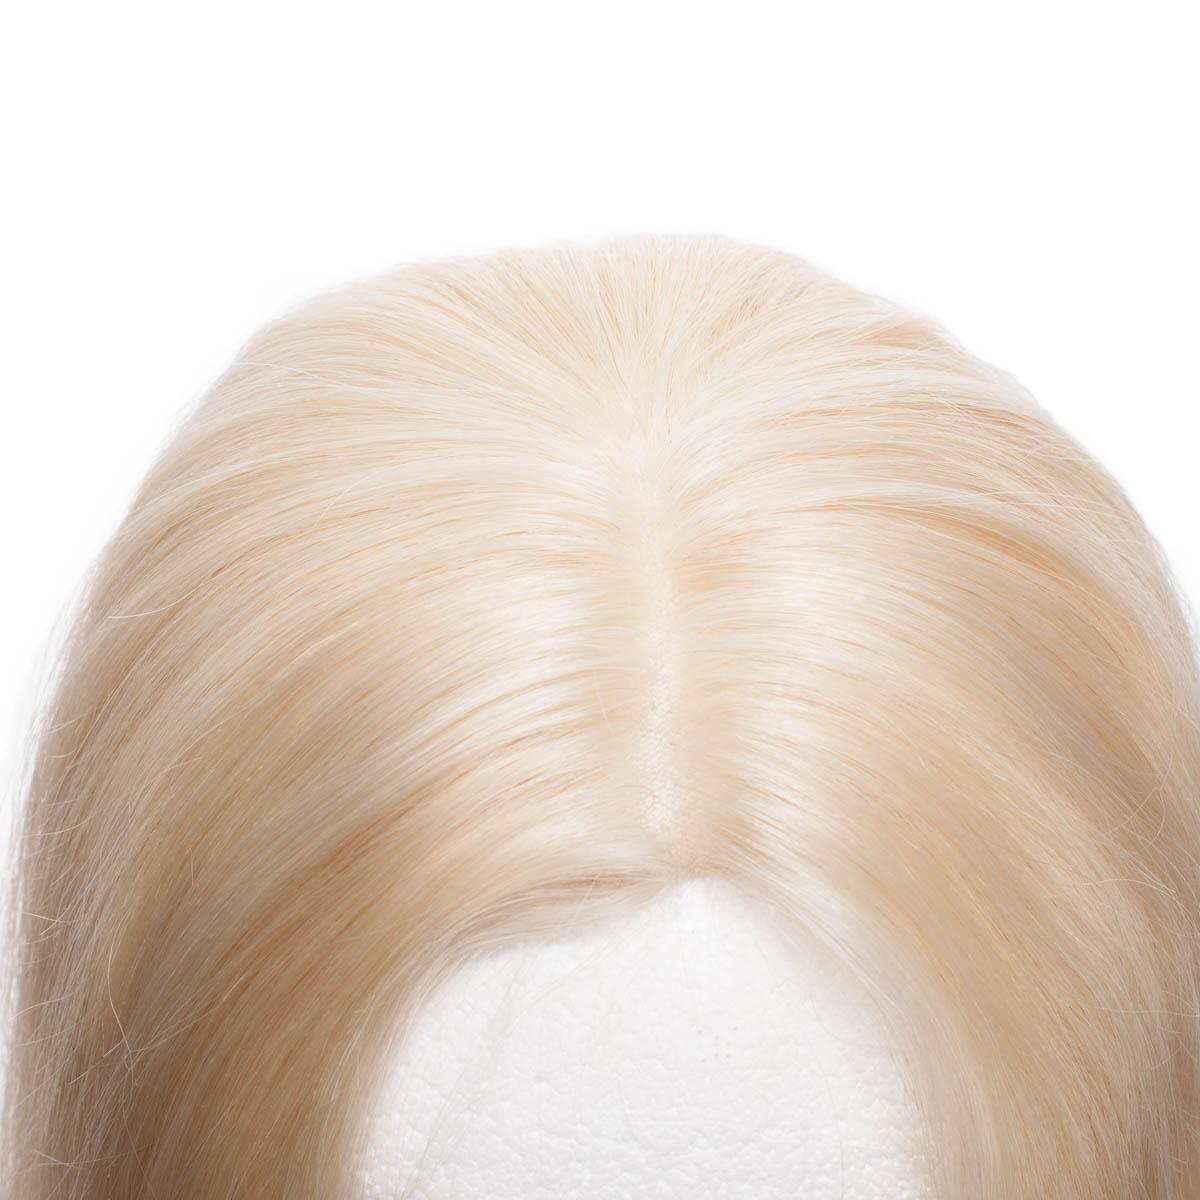 Top Piece 10.8 Light Blonde 30 cm